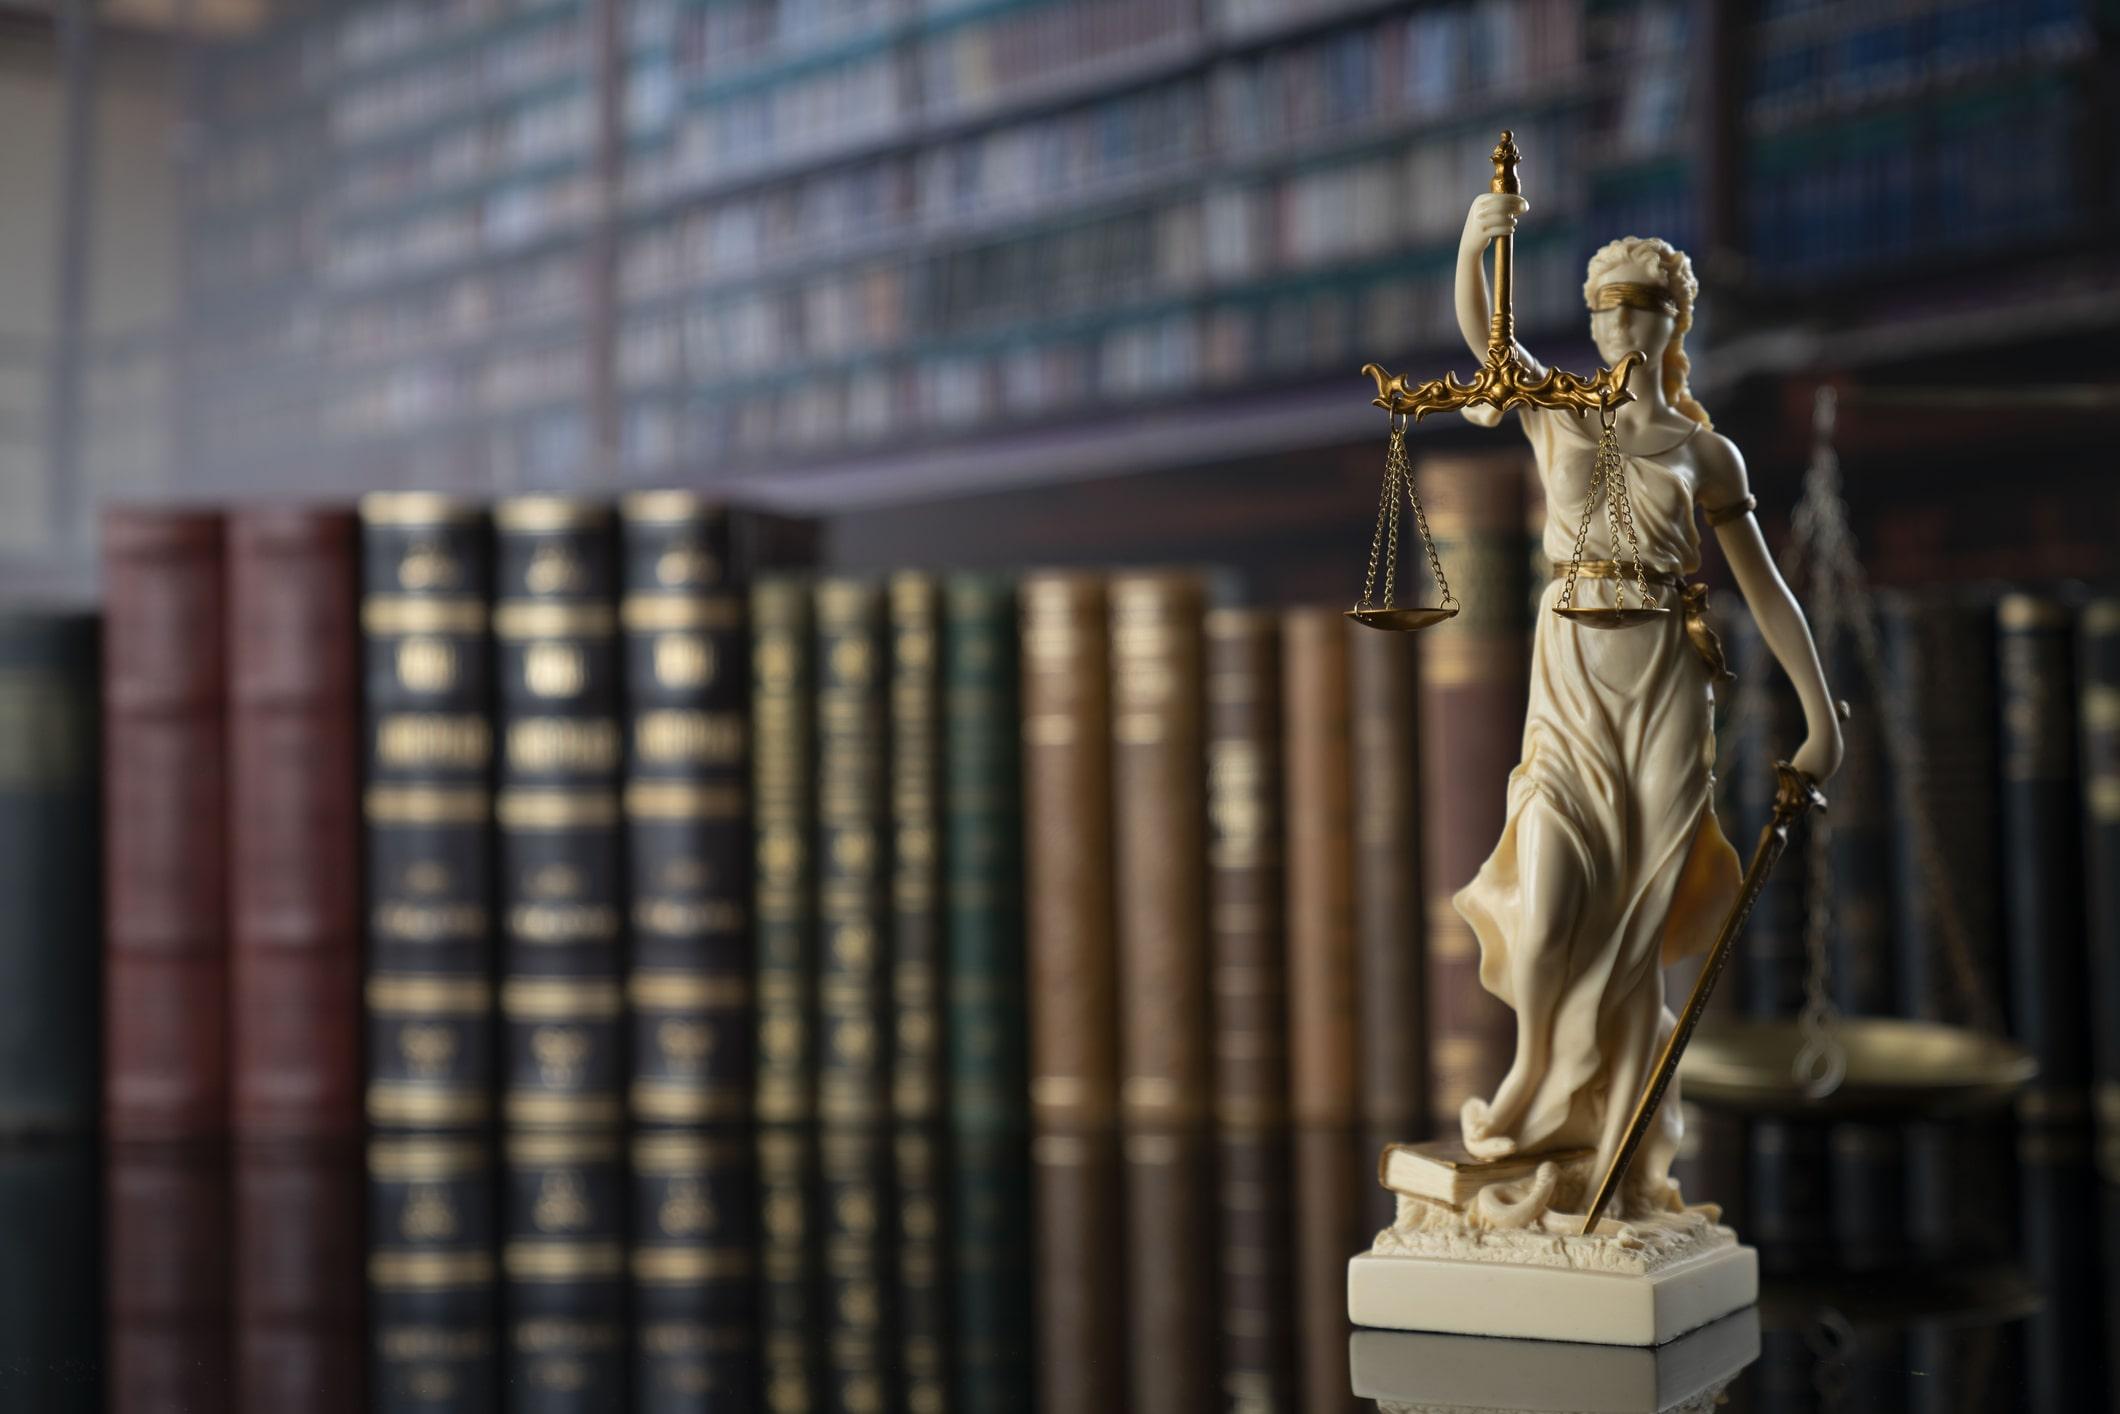 Esame avvocato 2020, nuovo calendario prove scritte a dicembre e